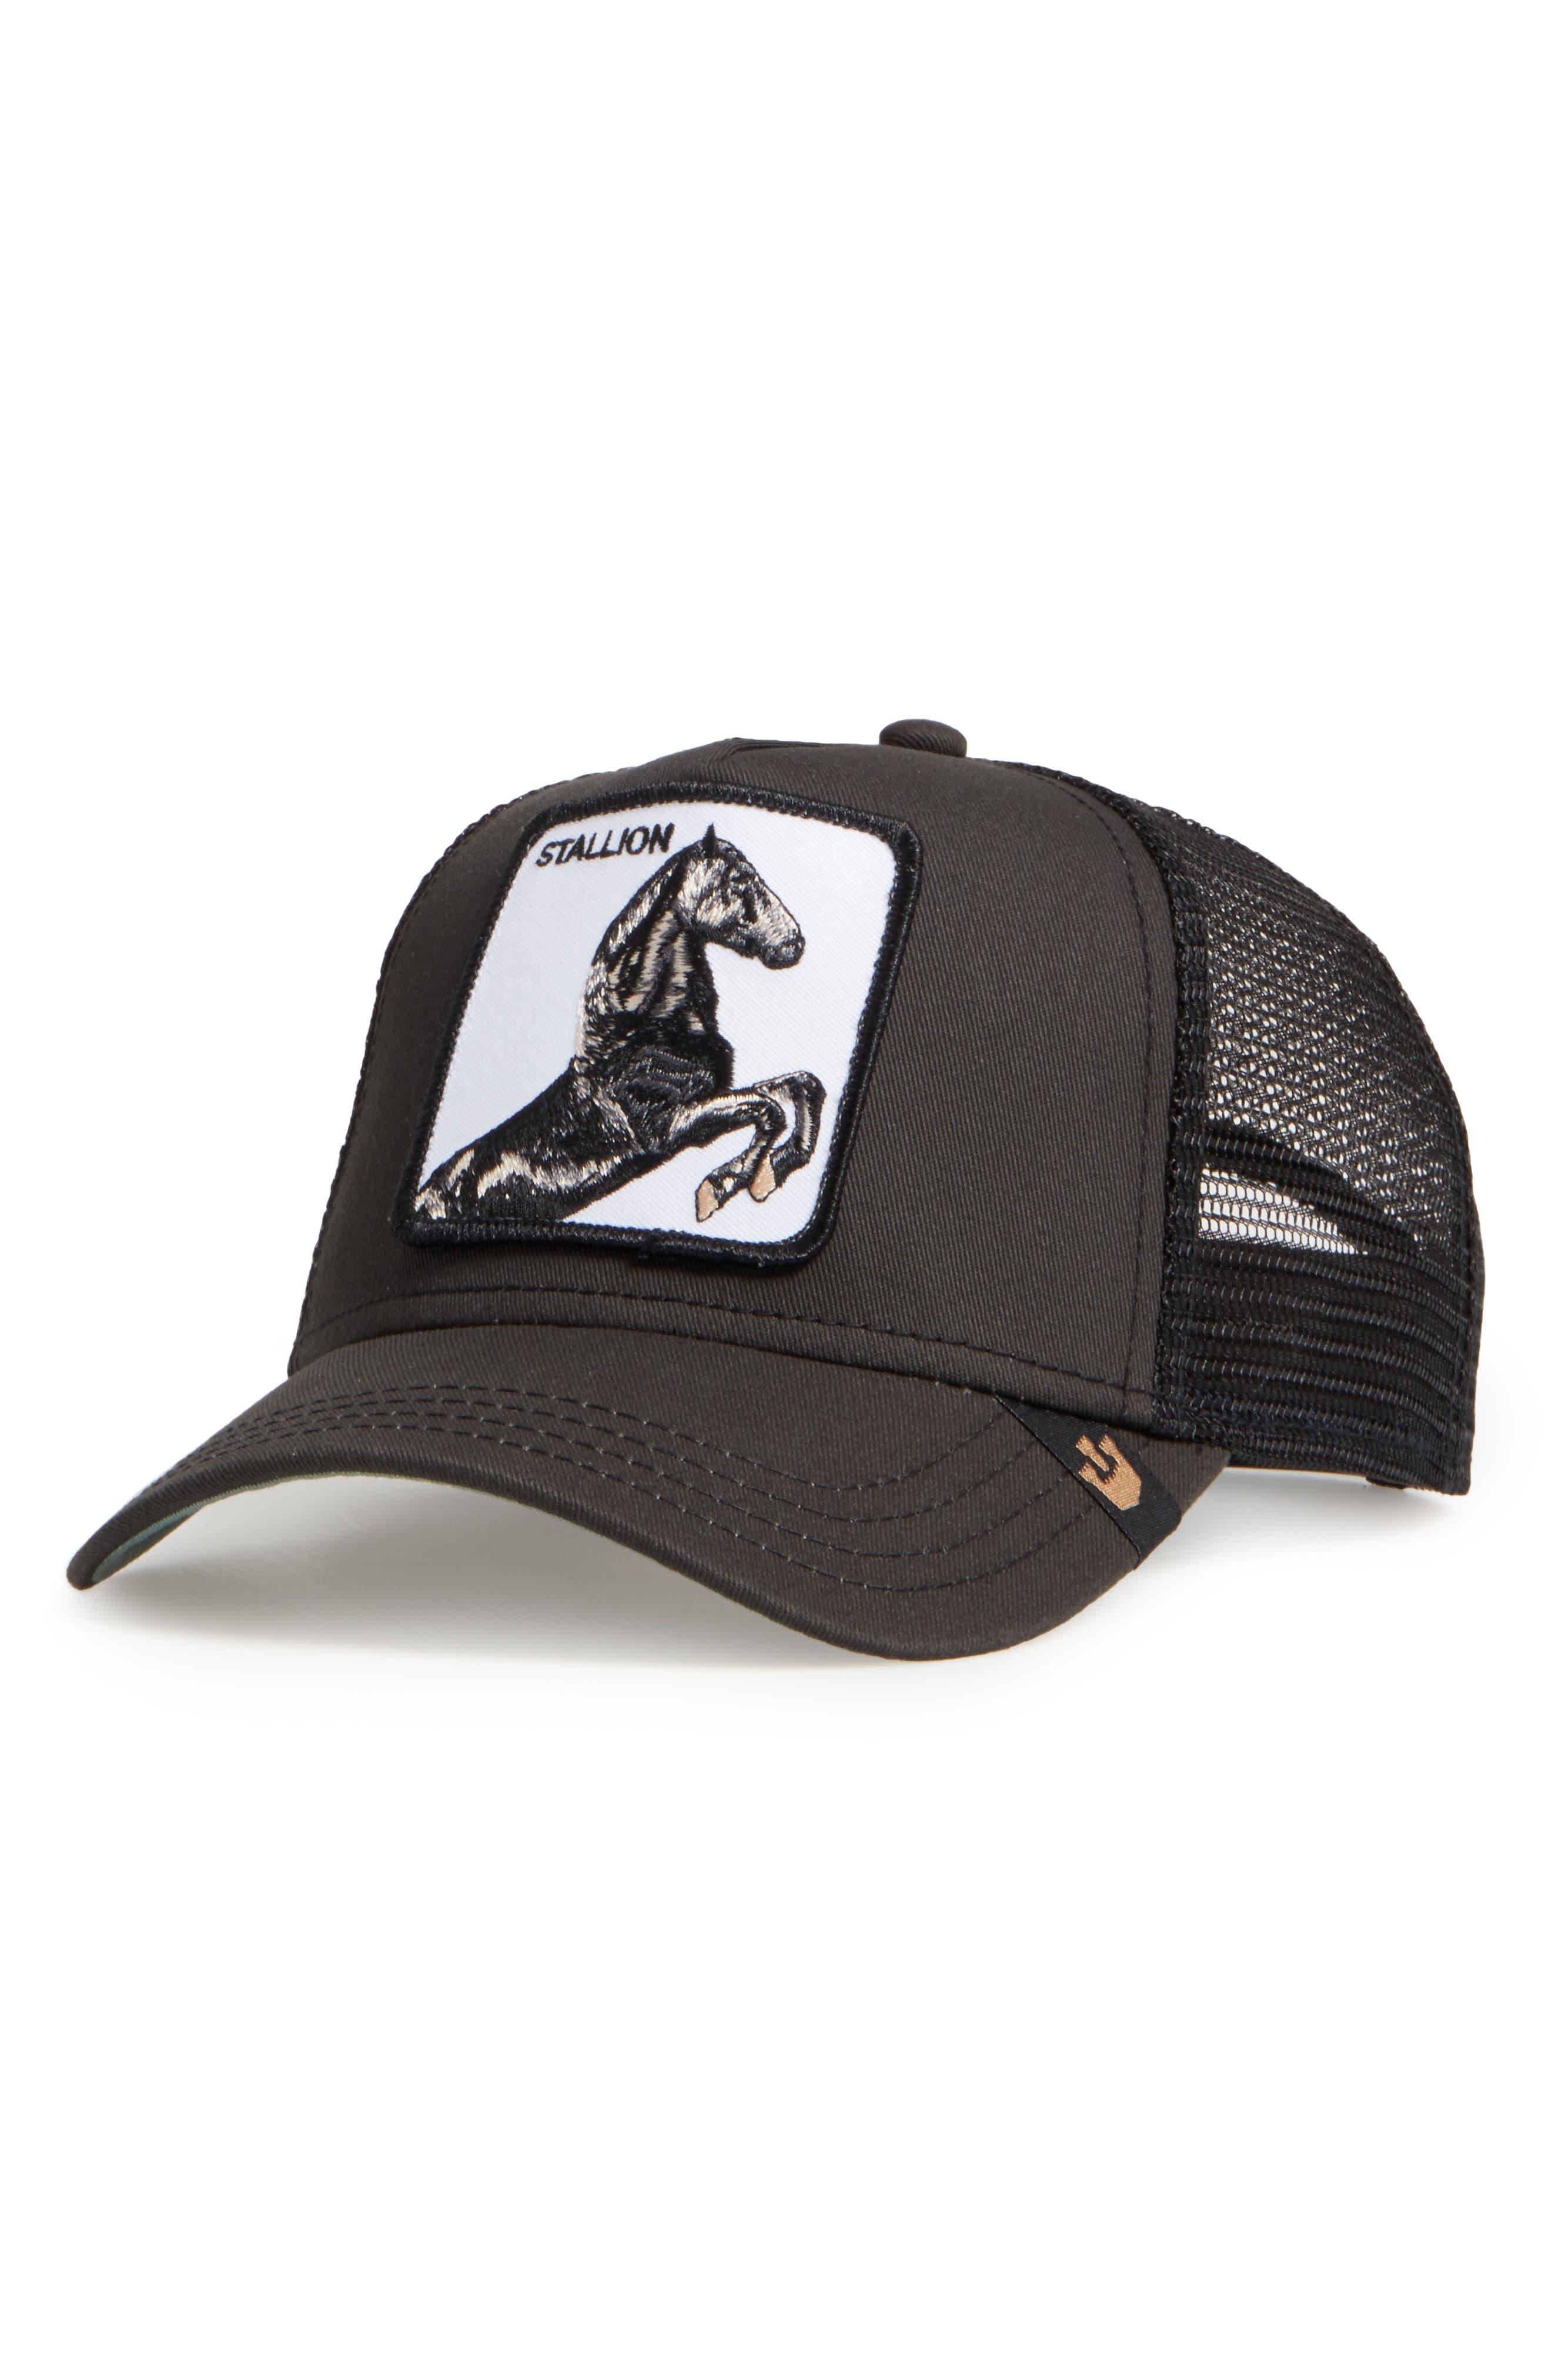 'Stallion' Trucker Hat,                             Alternate thumbnail 2, color,                             BLACK